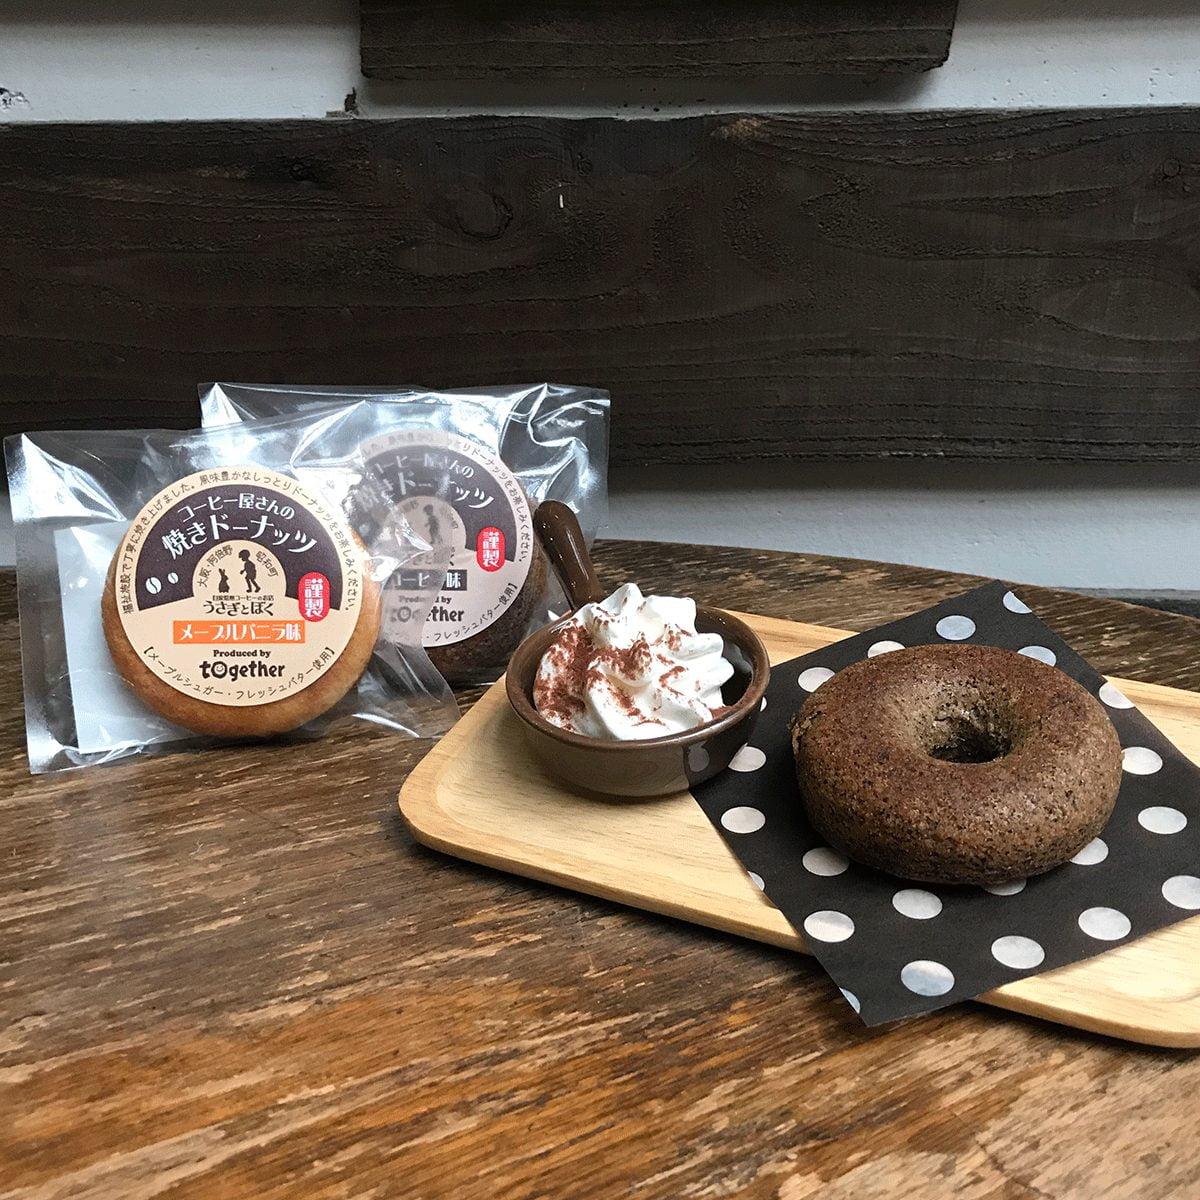 Usaboku's Baked donut